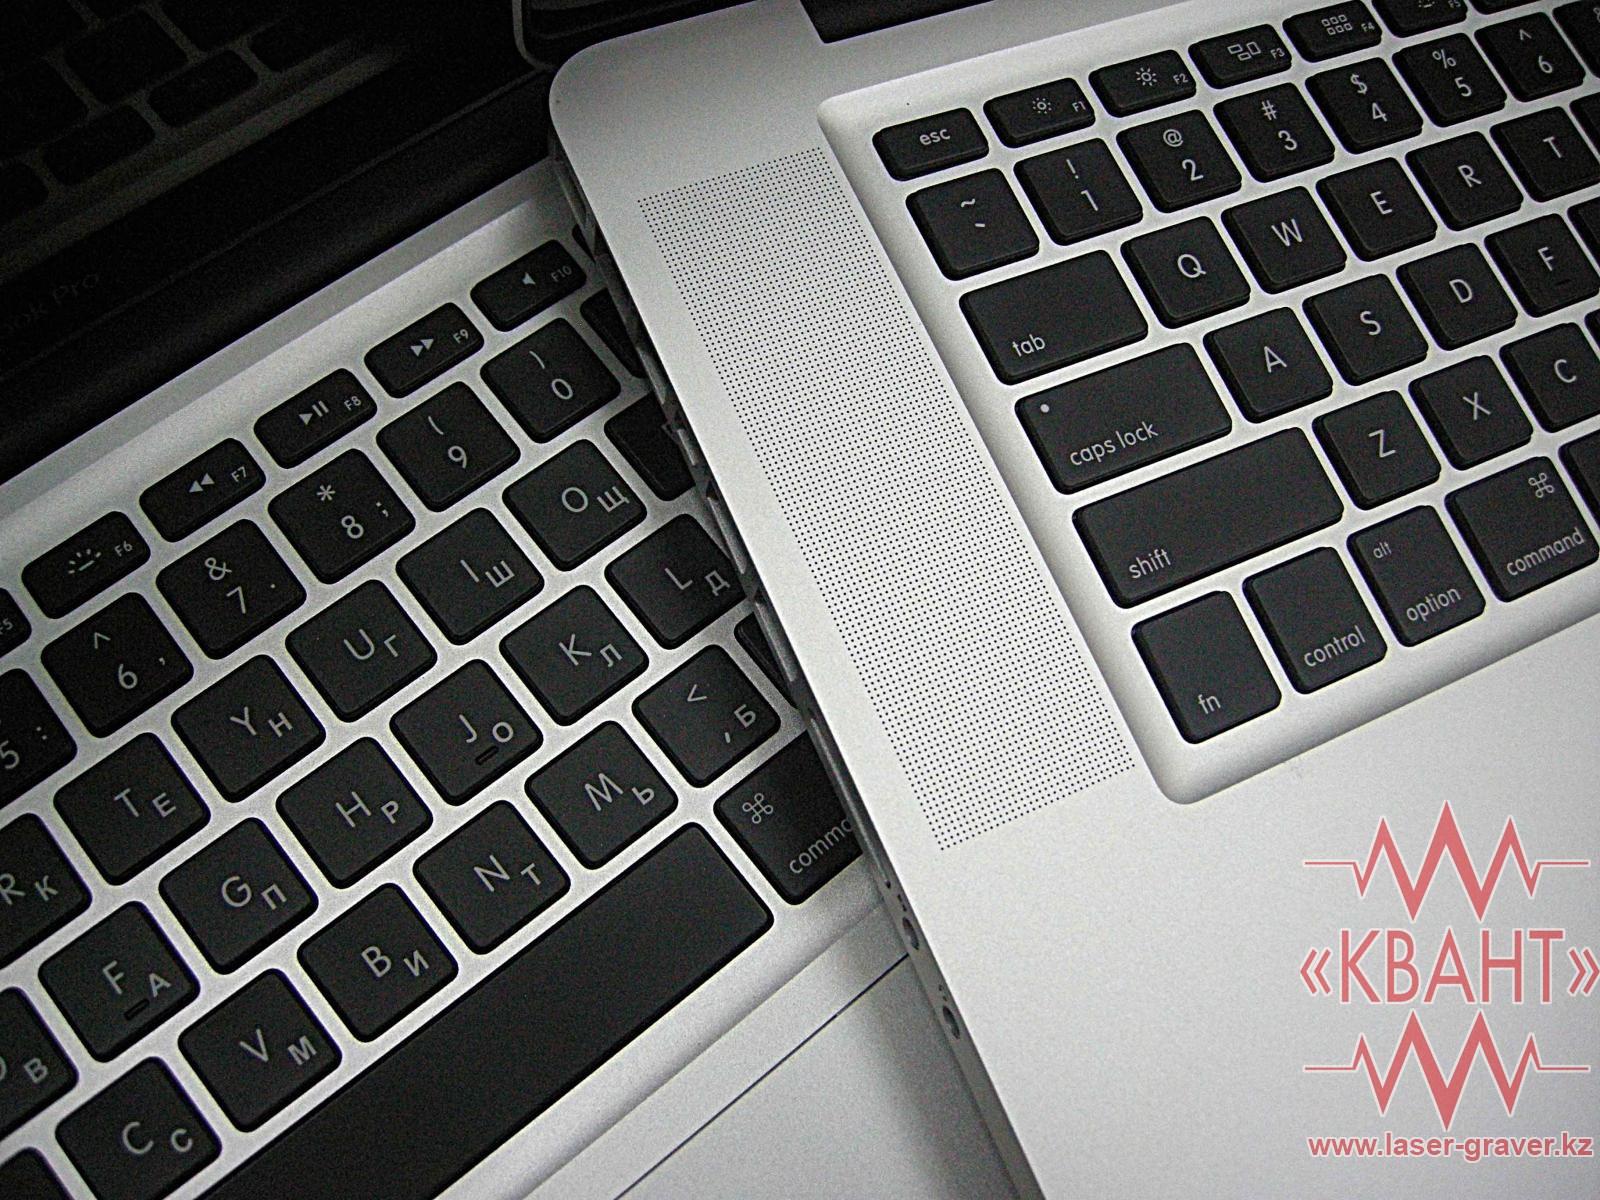 Алматы лазерная гравировка клавиатура nikon сервисные центры в россии - ремонт в Москве